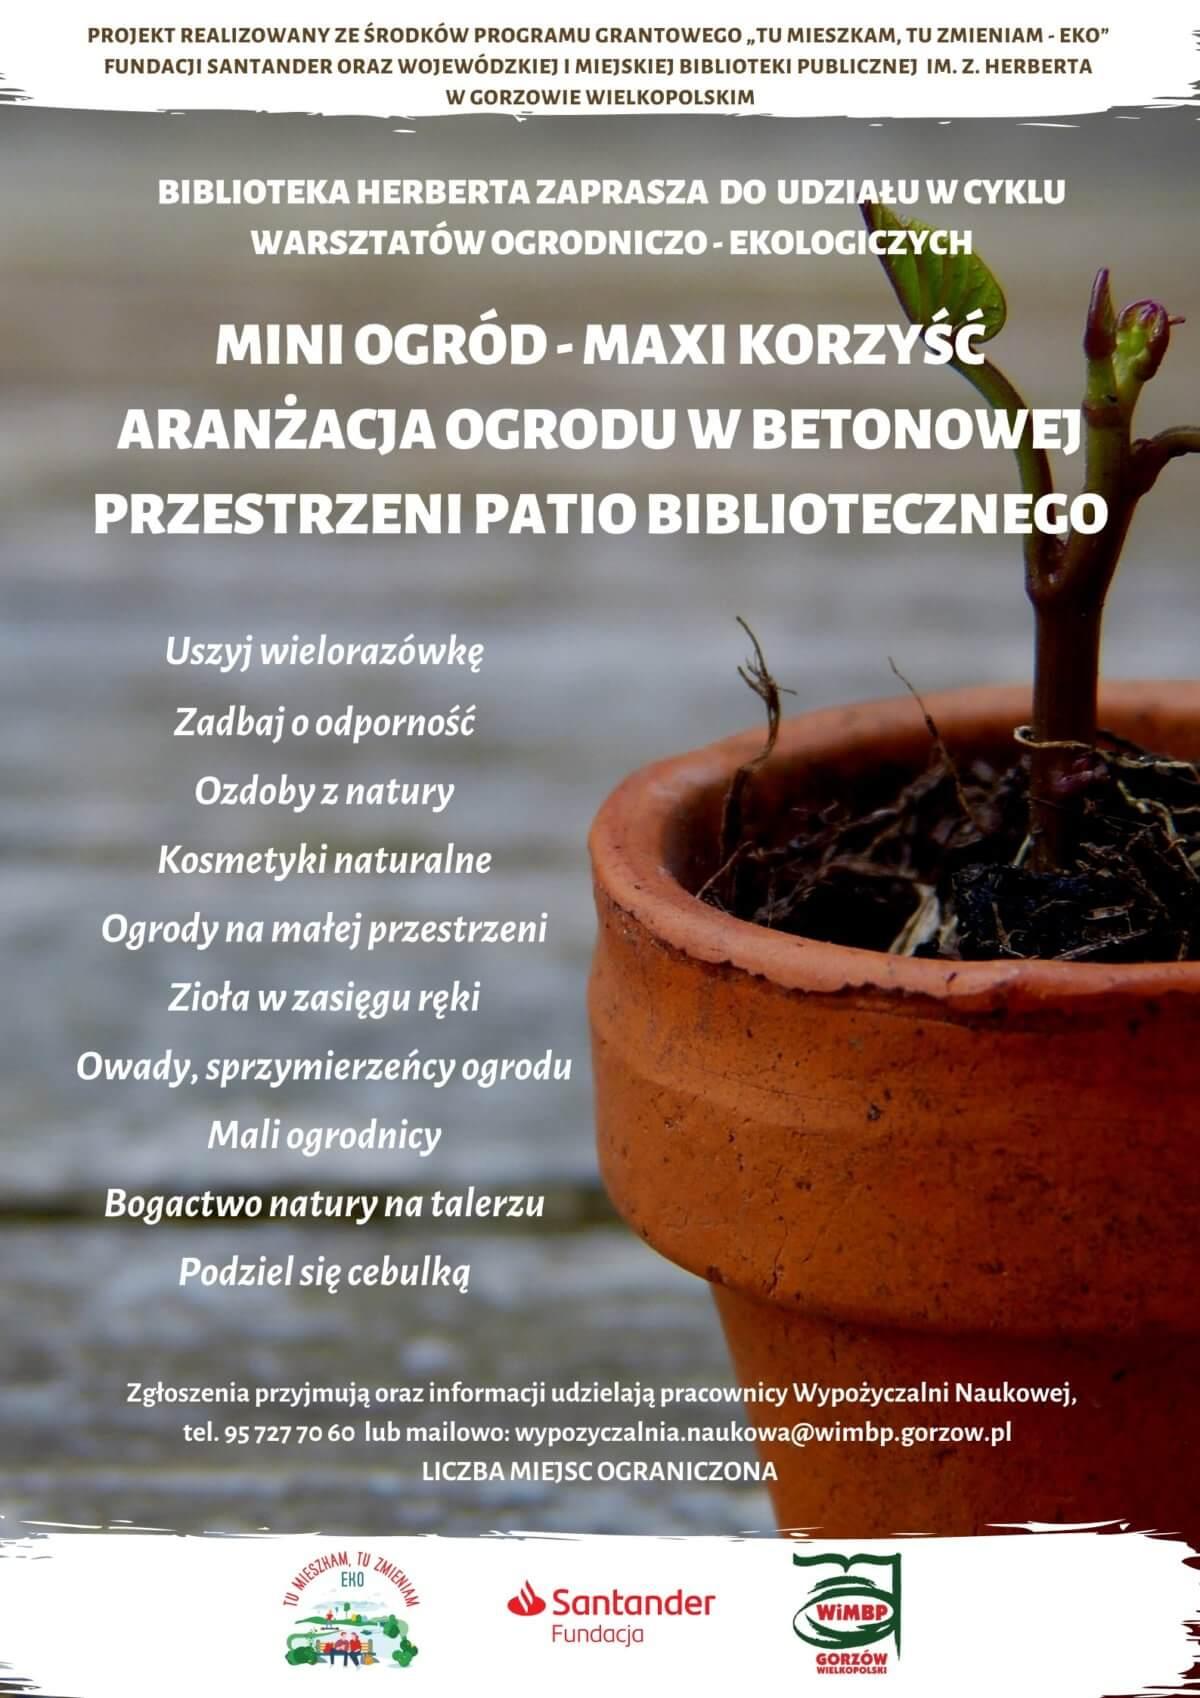 Projekt Tu mieszkam, tu zmieniam - EKO Gorzów Wielkopolski